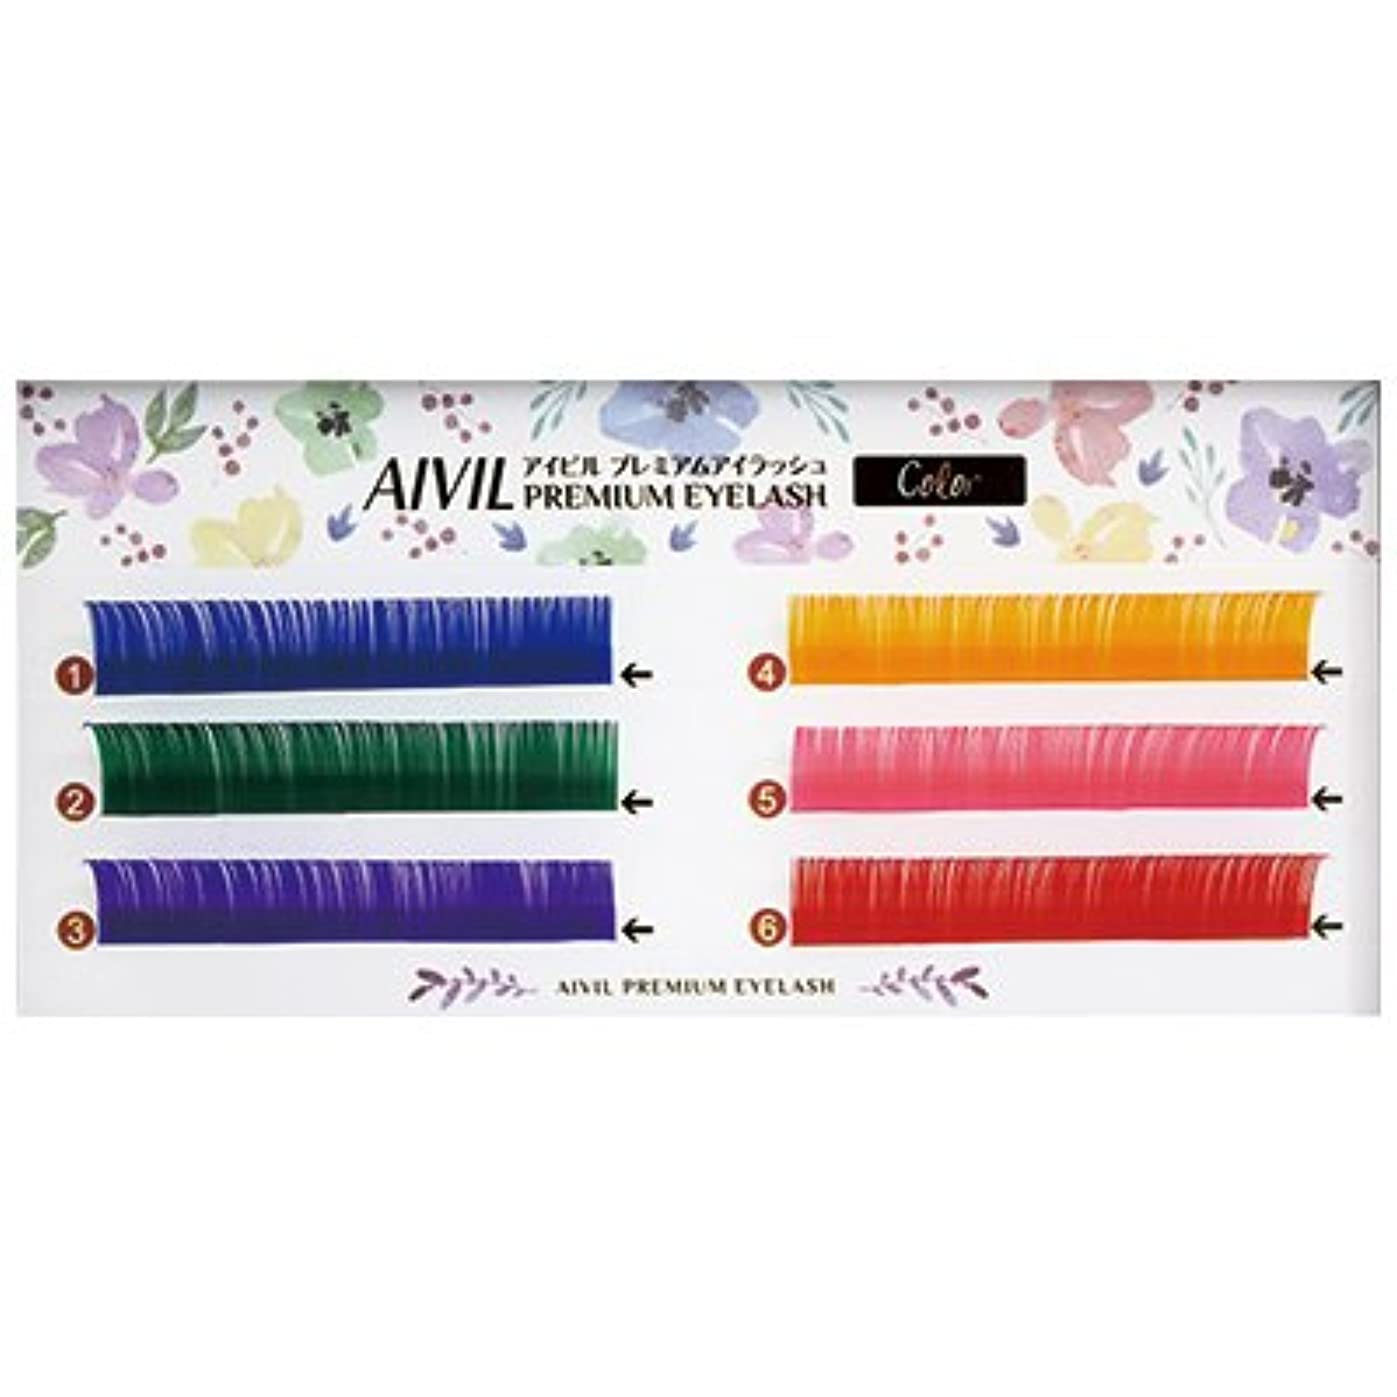 ホバート予防接種するデータ【AIVIL】プレミアムアイラッシュ カラフルミックス 6列 Jカール 0.15mm×10mm